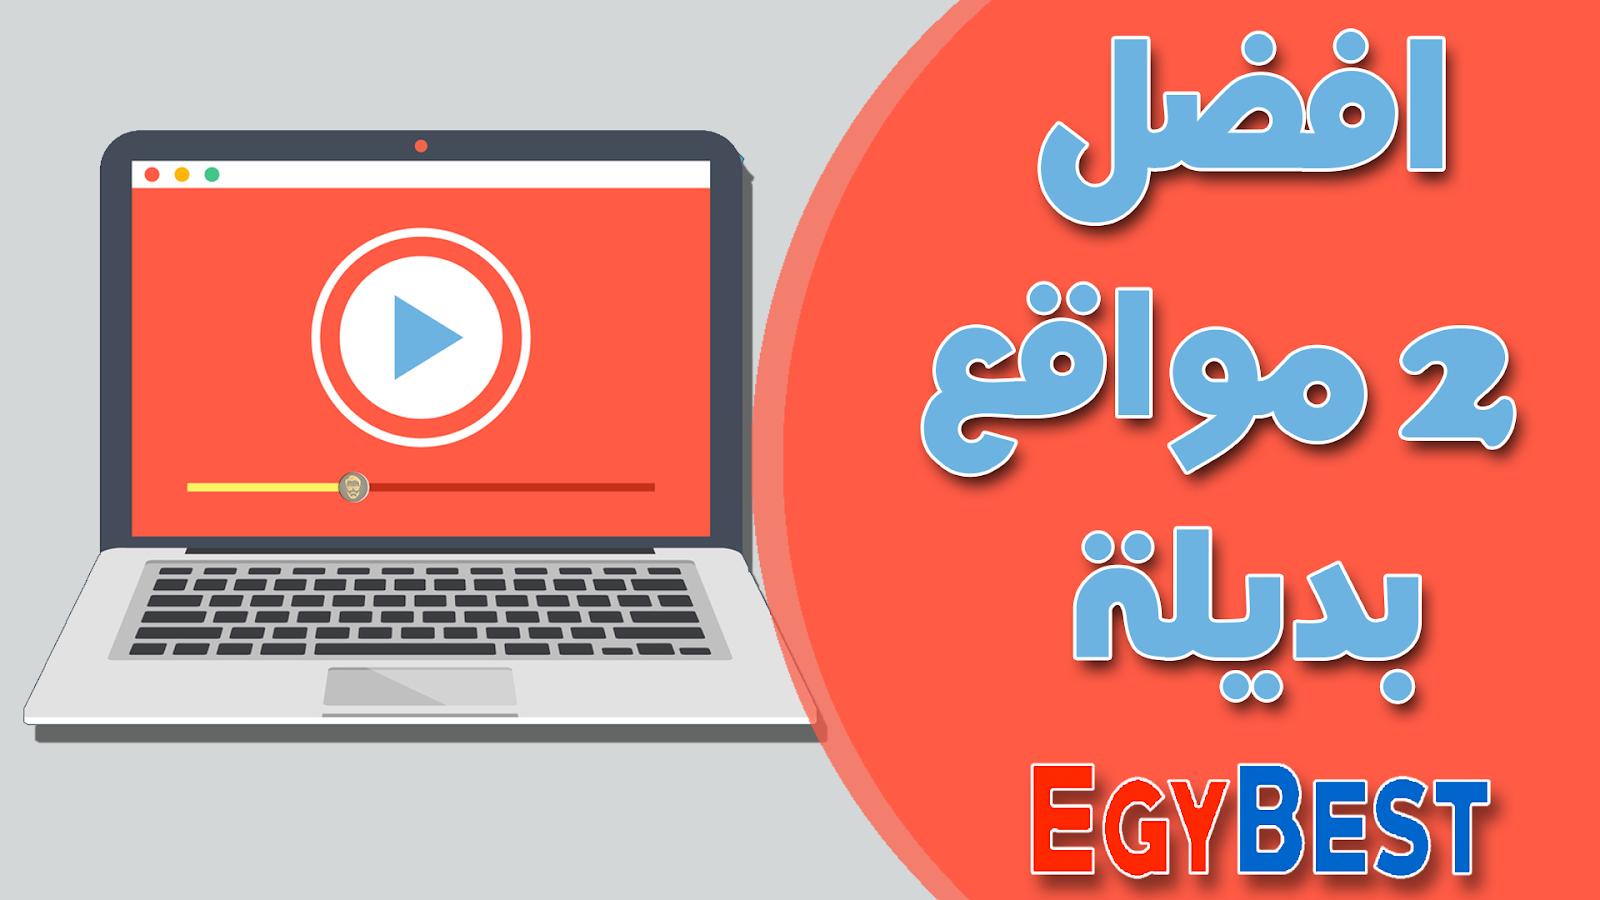 افضل 2 مواقع بديلة عن ايجي بست Egybest لمشاهدة الافلام